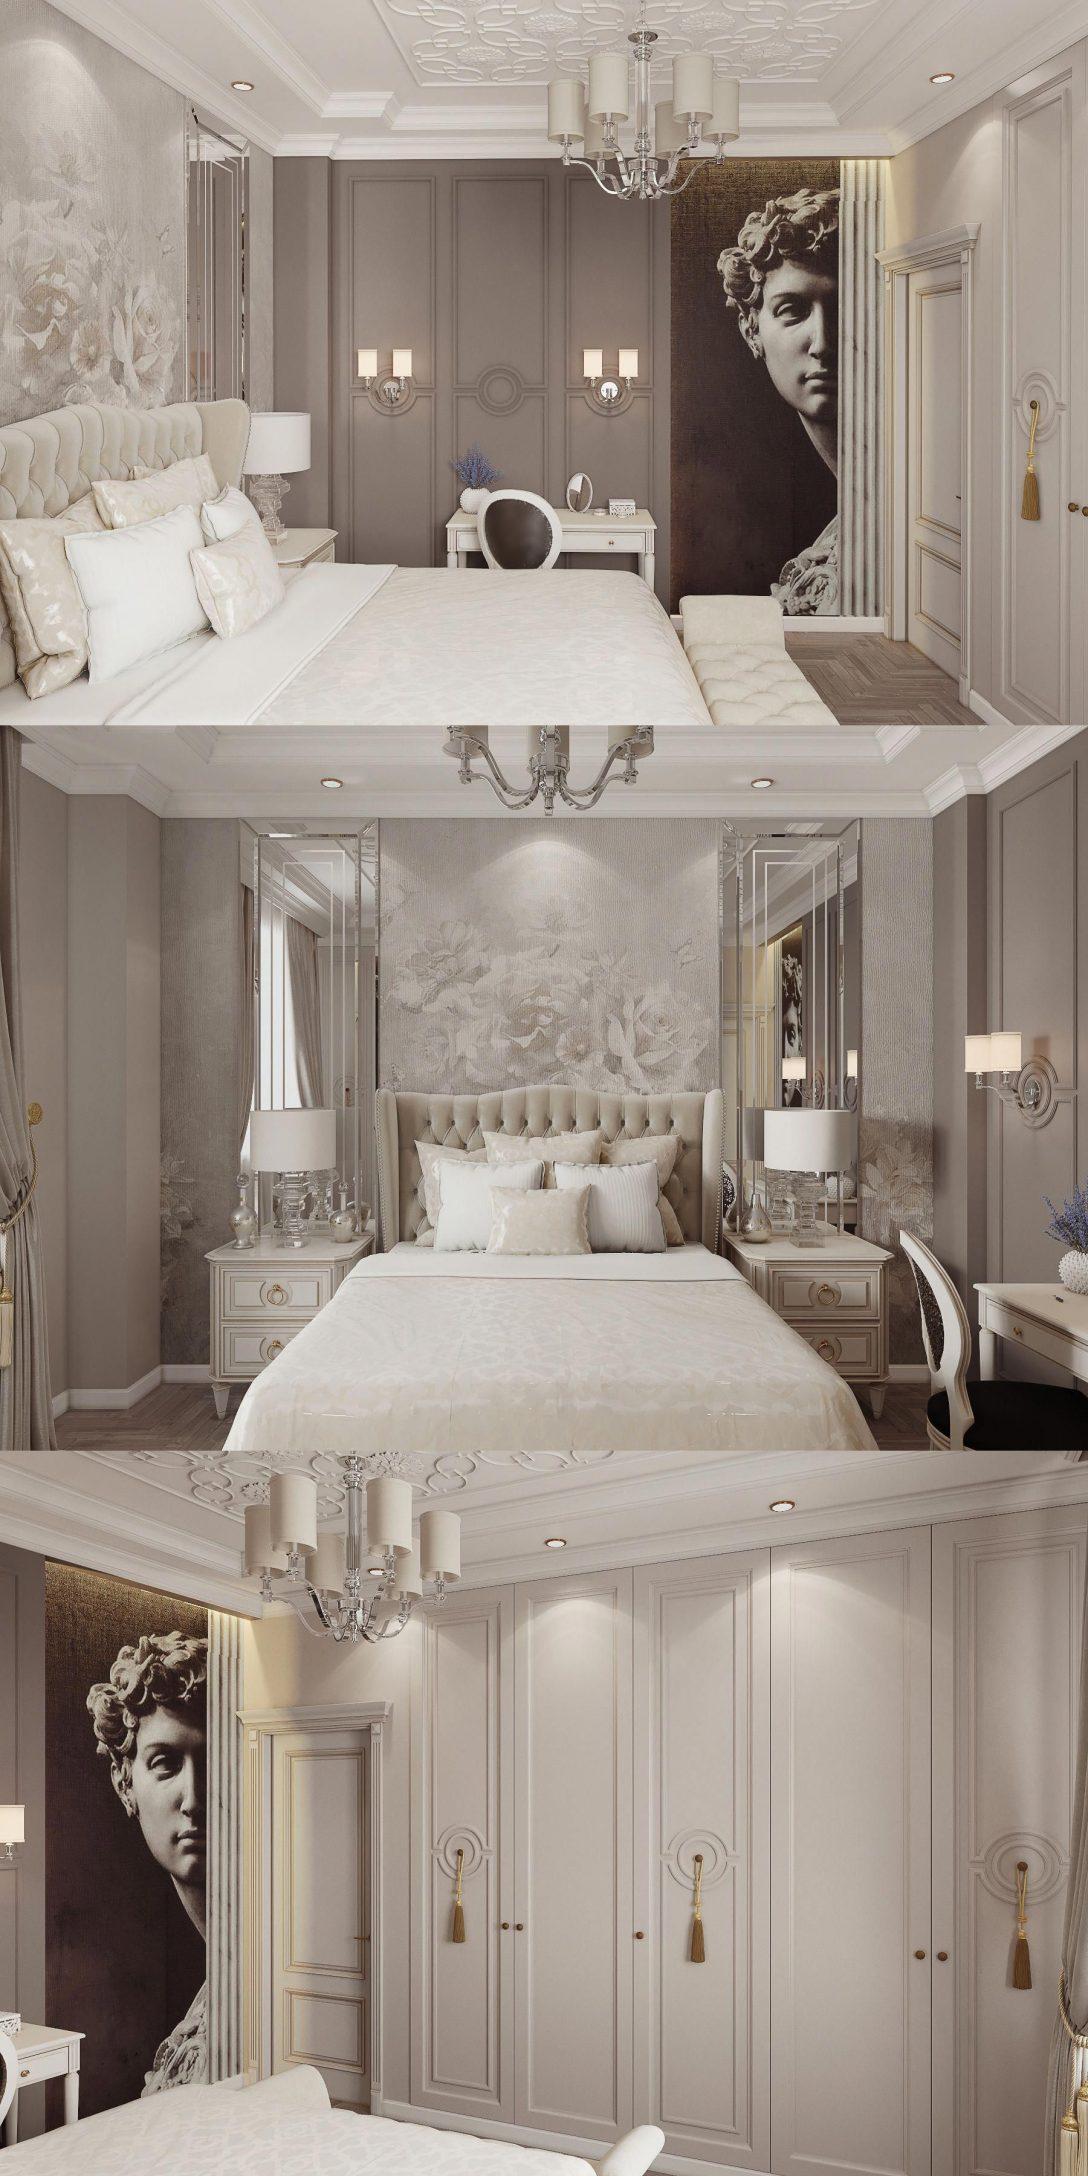 Large Size of Barock Rokoko Fr Ein Luxus Schlafzimmer Stellen Weißes Kommoden Landhaus Massivholz Stehlampe Lampen Klimagerät Für Lampe Komplett Wandleuchte Schlafzimmer Luxus Schlafzimmer